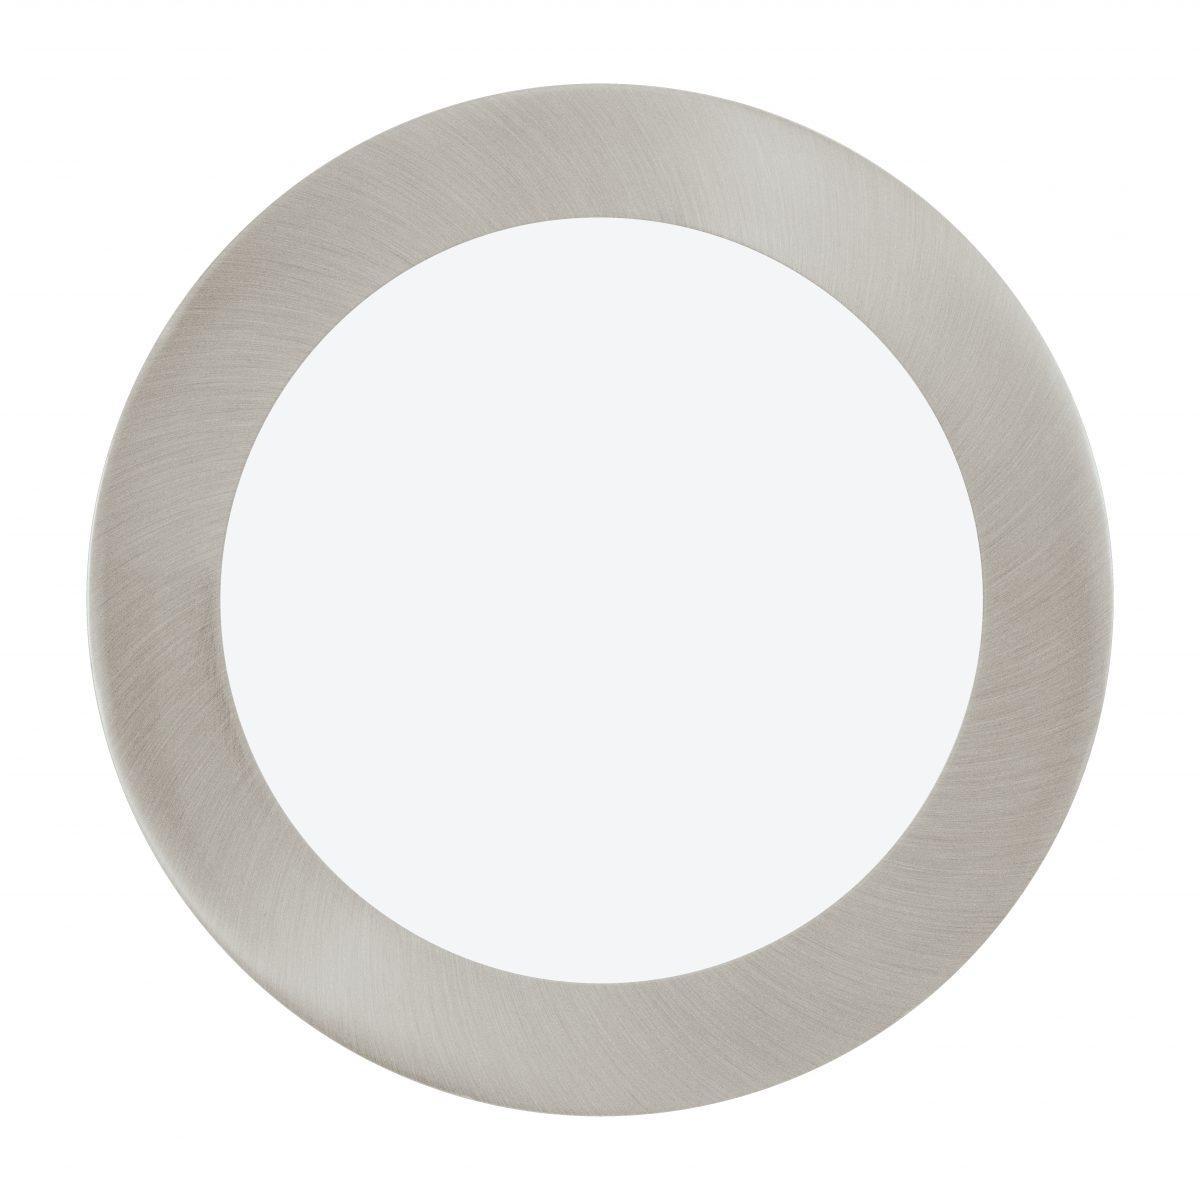 Светильник настенно-потолочный FUEVA 1 EGLO 31672 - Фото №28